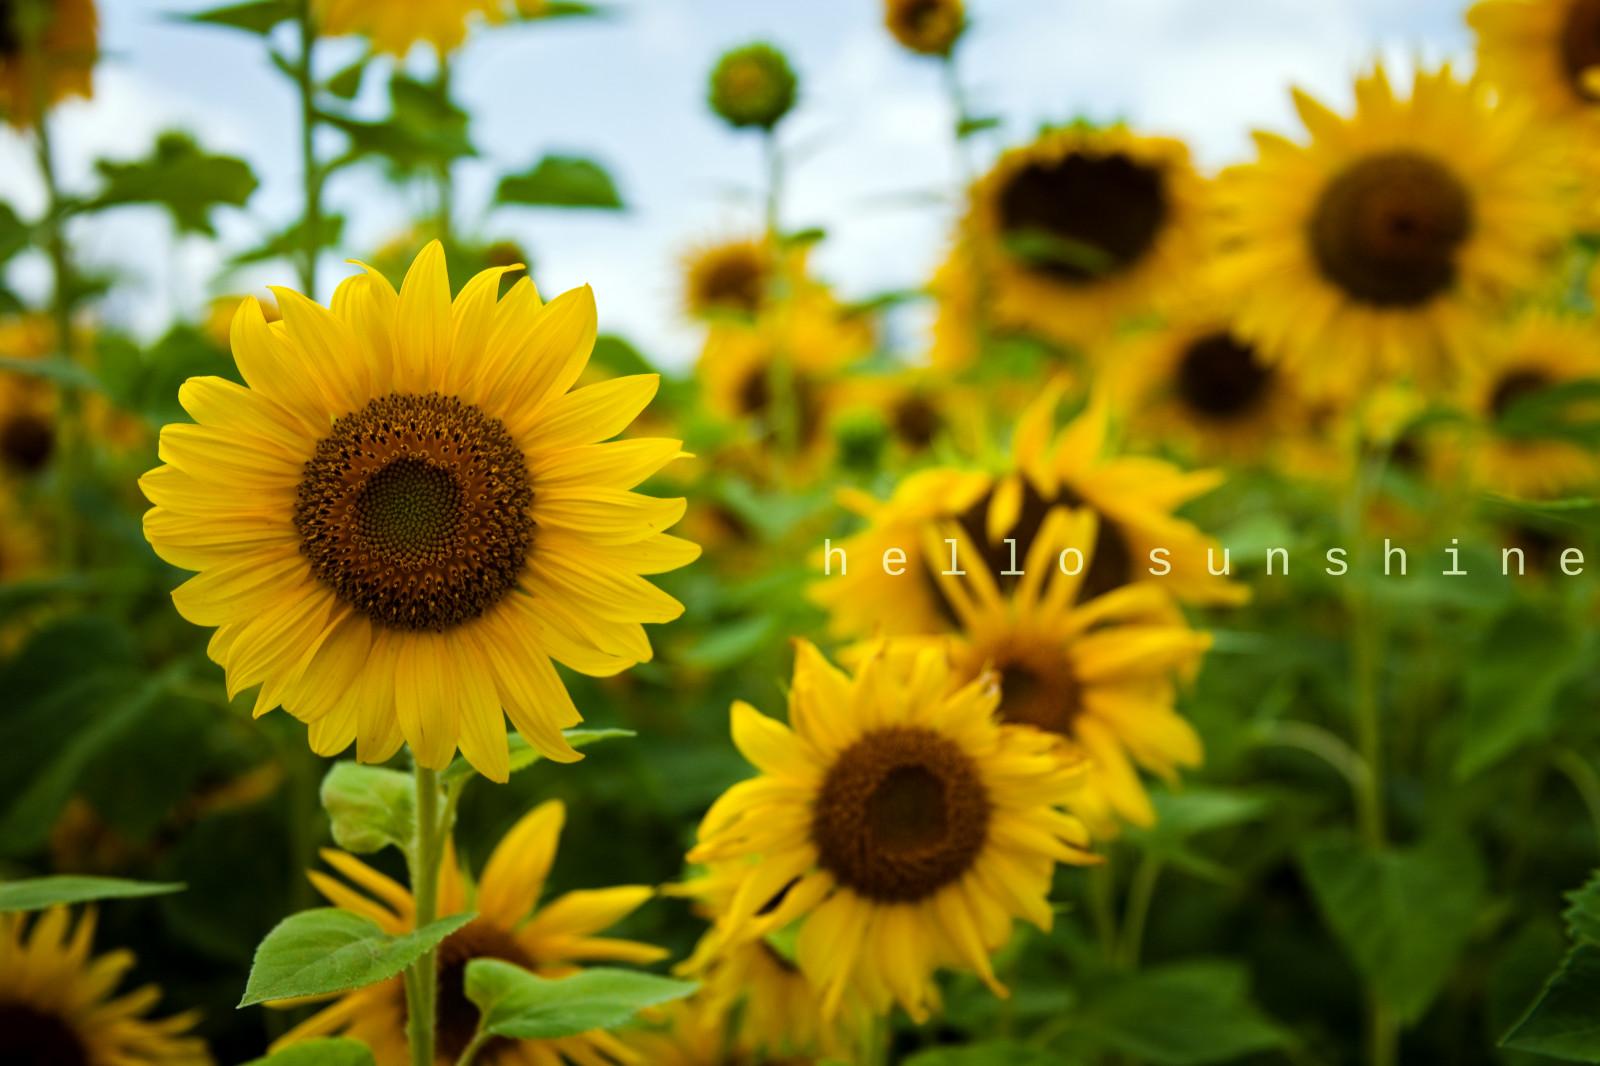 Wallpaper Bunga Matahari Kuning Biji Bunga Matahari Tanaman Berbunga Keluarga Daisy Menanam Tanaman Tahunan Daun Bunga Bidang 5214x3477 921968 Hd Wallpapers Wallhere